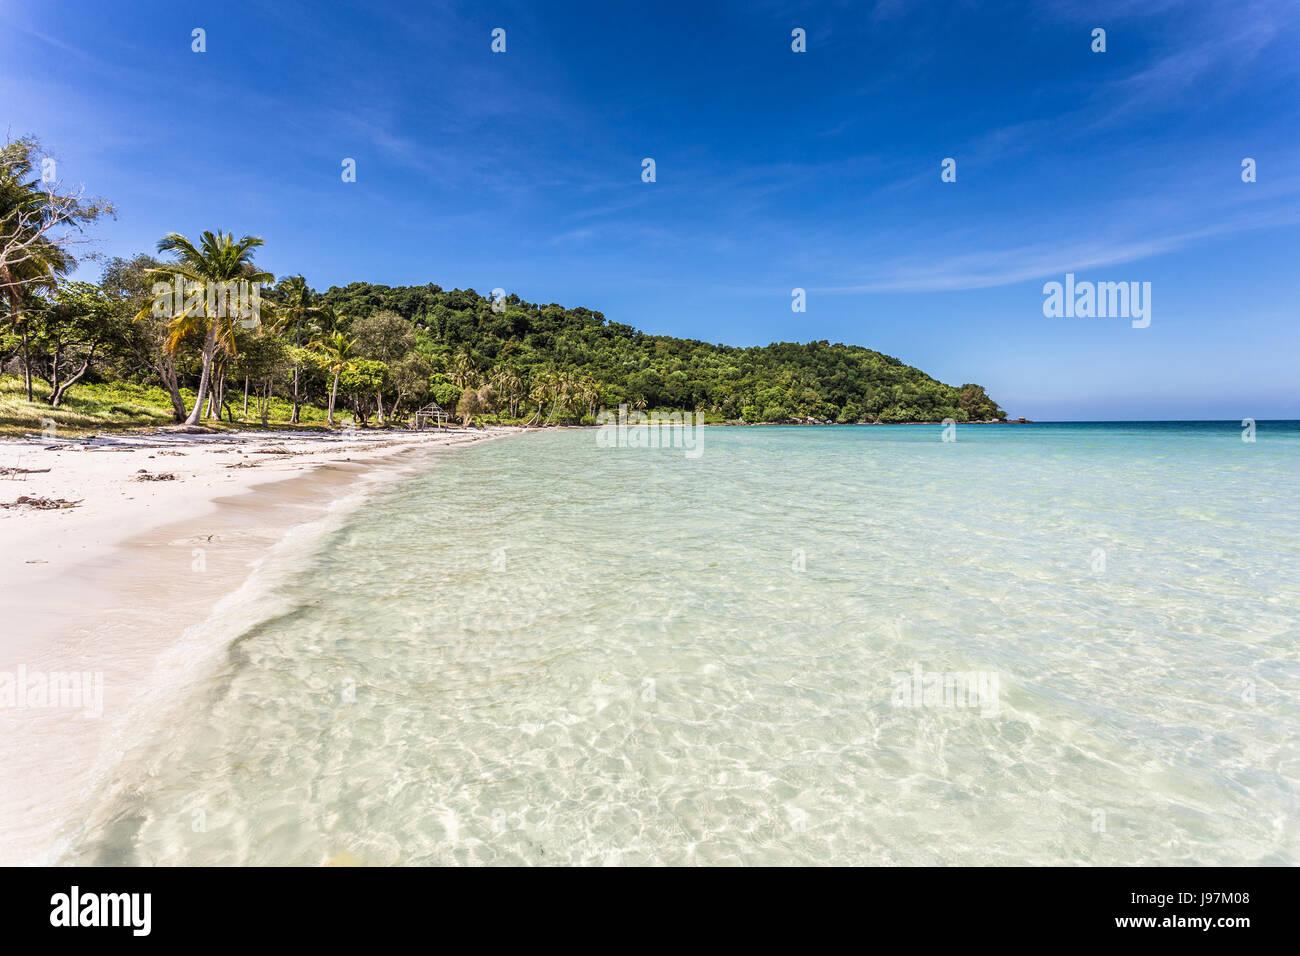 Atemberaubenden weißen Sandstrand Namen Bai Sao Beach auf der Insel Phu Quoc in Südvietnam in den Golf Stockbild